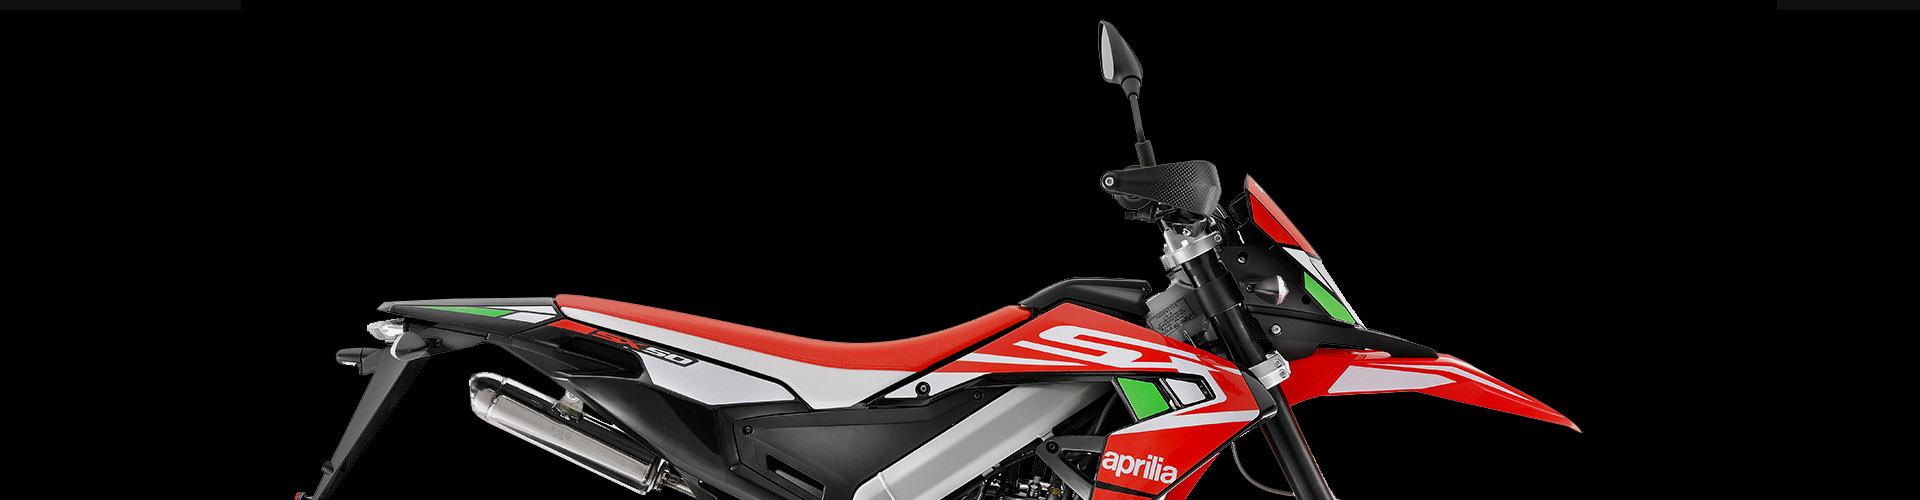 CocMotors Aprilia SX 50 Factory 2020